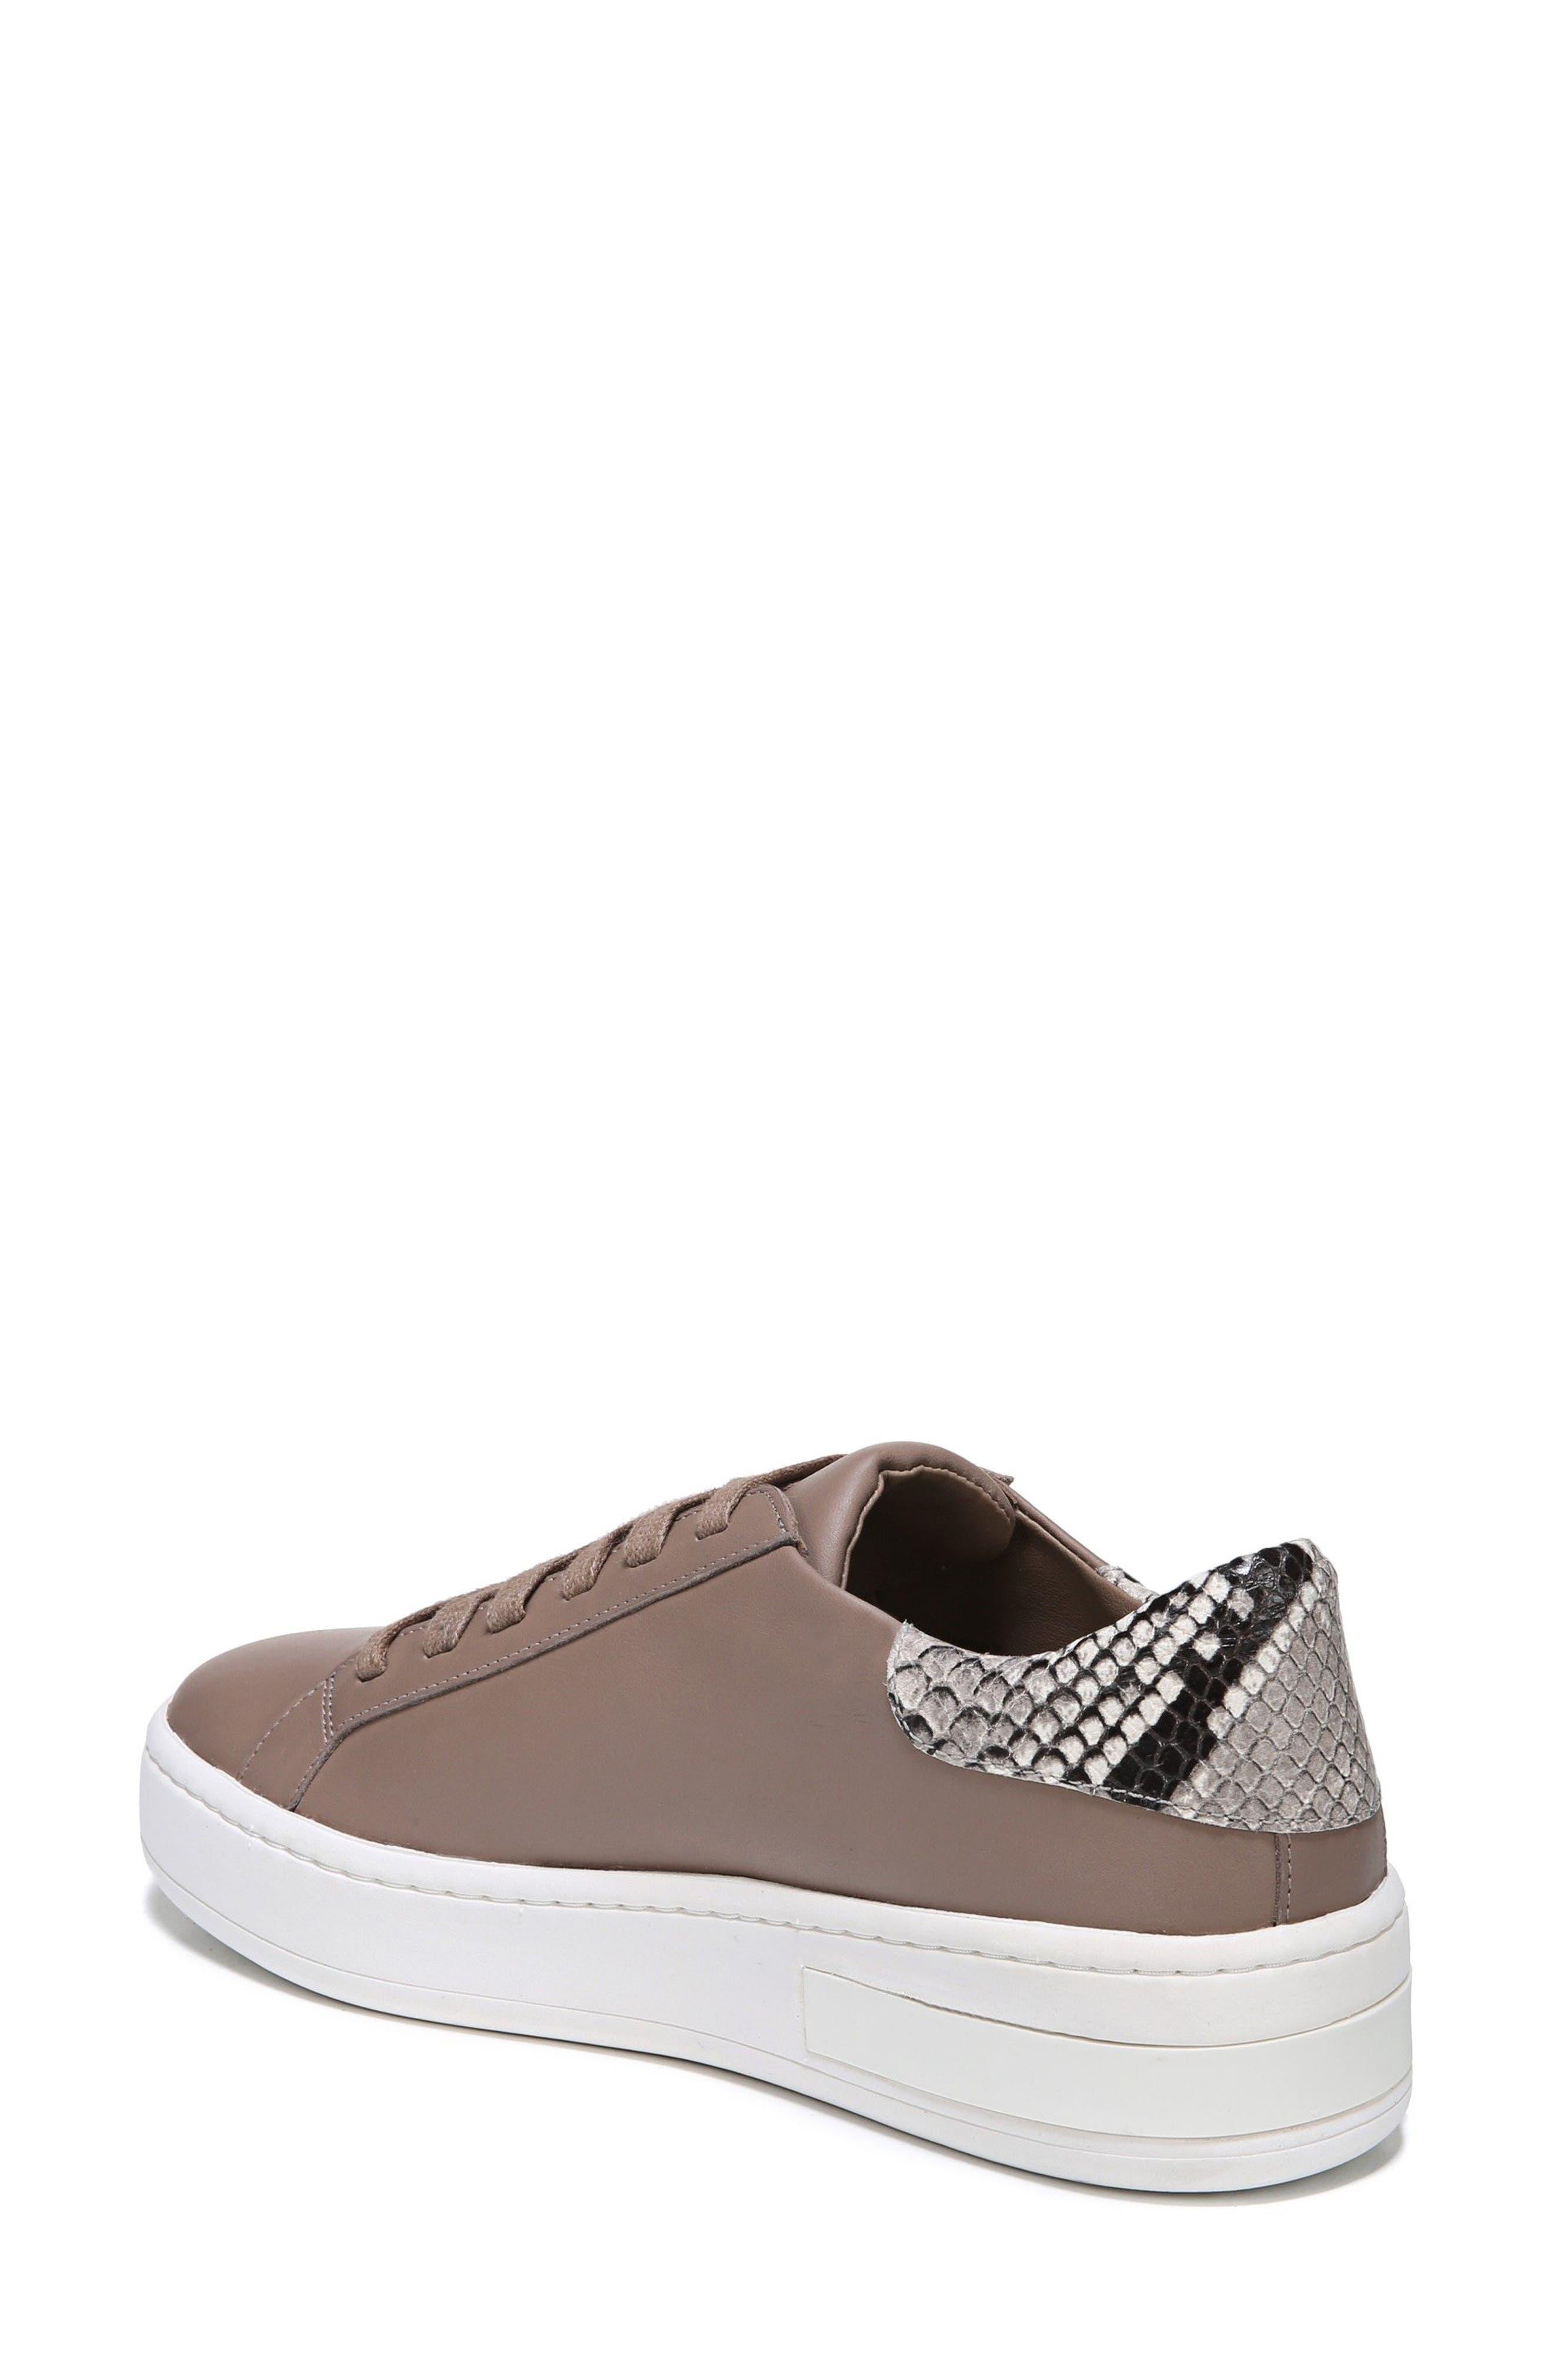 Rylen Platform Sneaker,                             Alternate thumbnail 2, color,                             Porcini/ Black/ White Leather